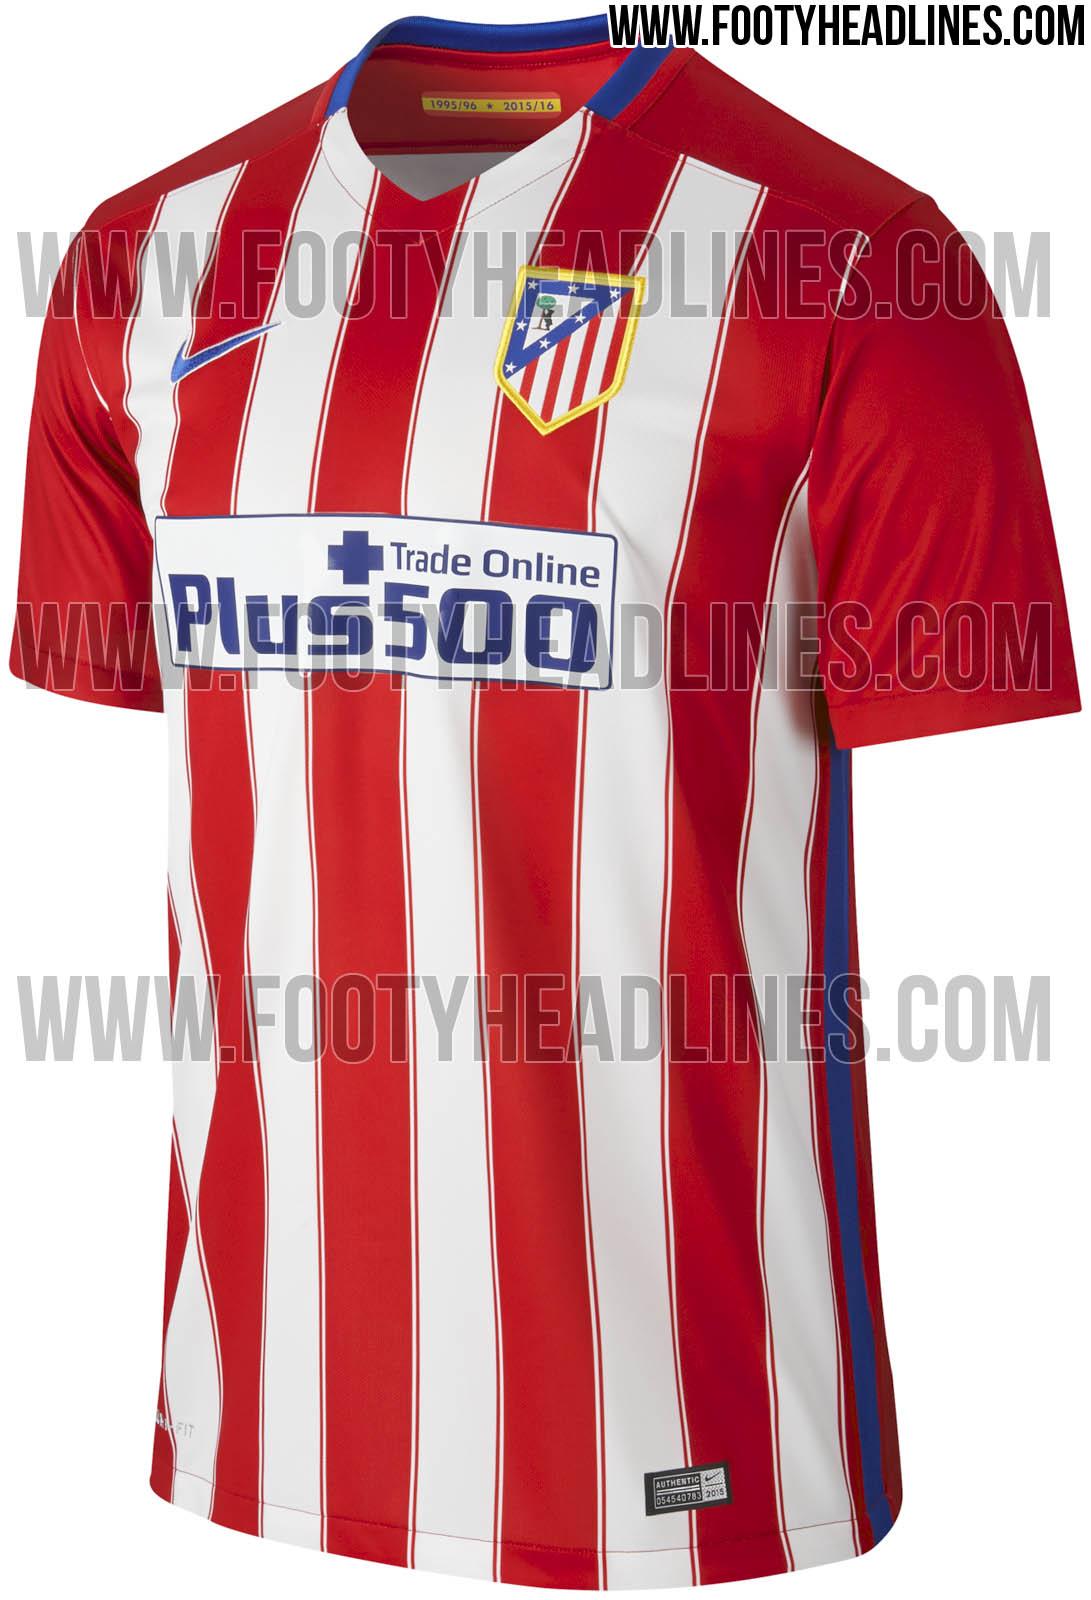 Nuevas imágenes de las camisetas del Atlético de Madrid 2015 16 - La ... fcab8bdc5e067